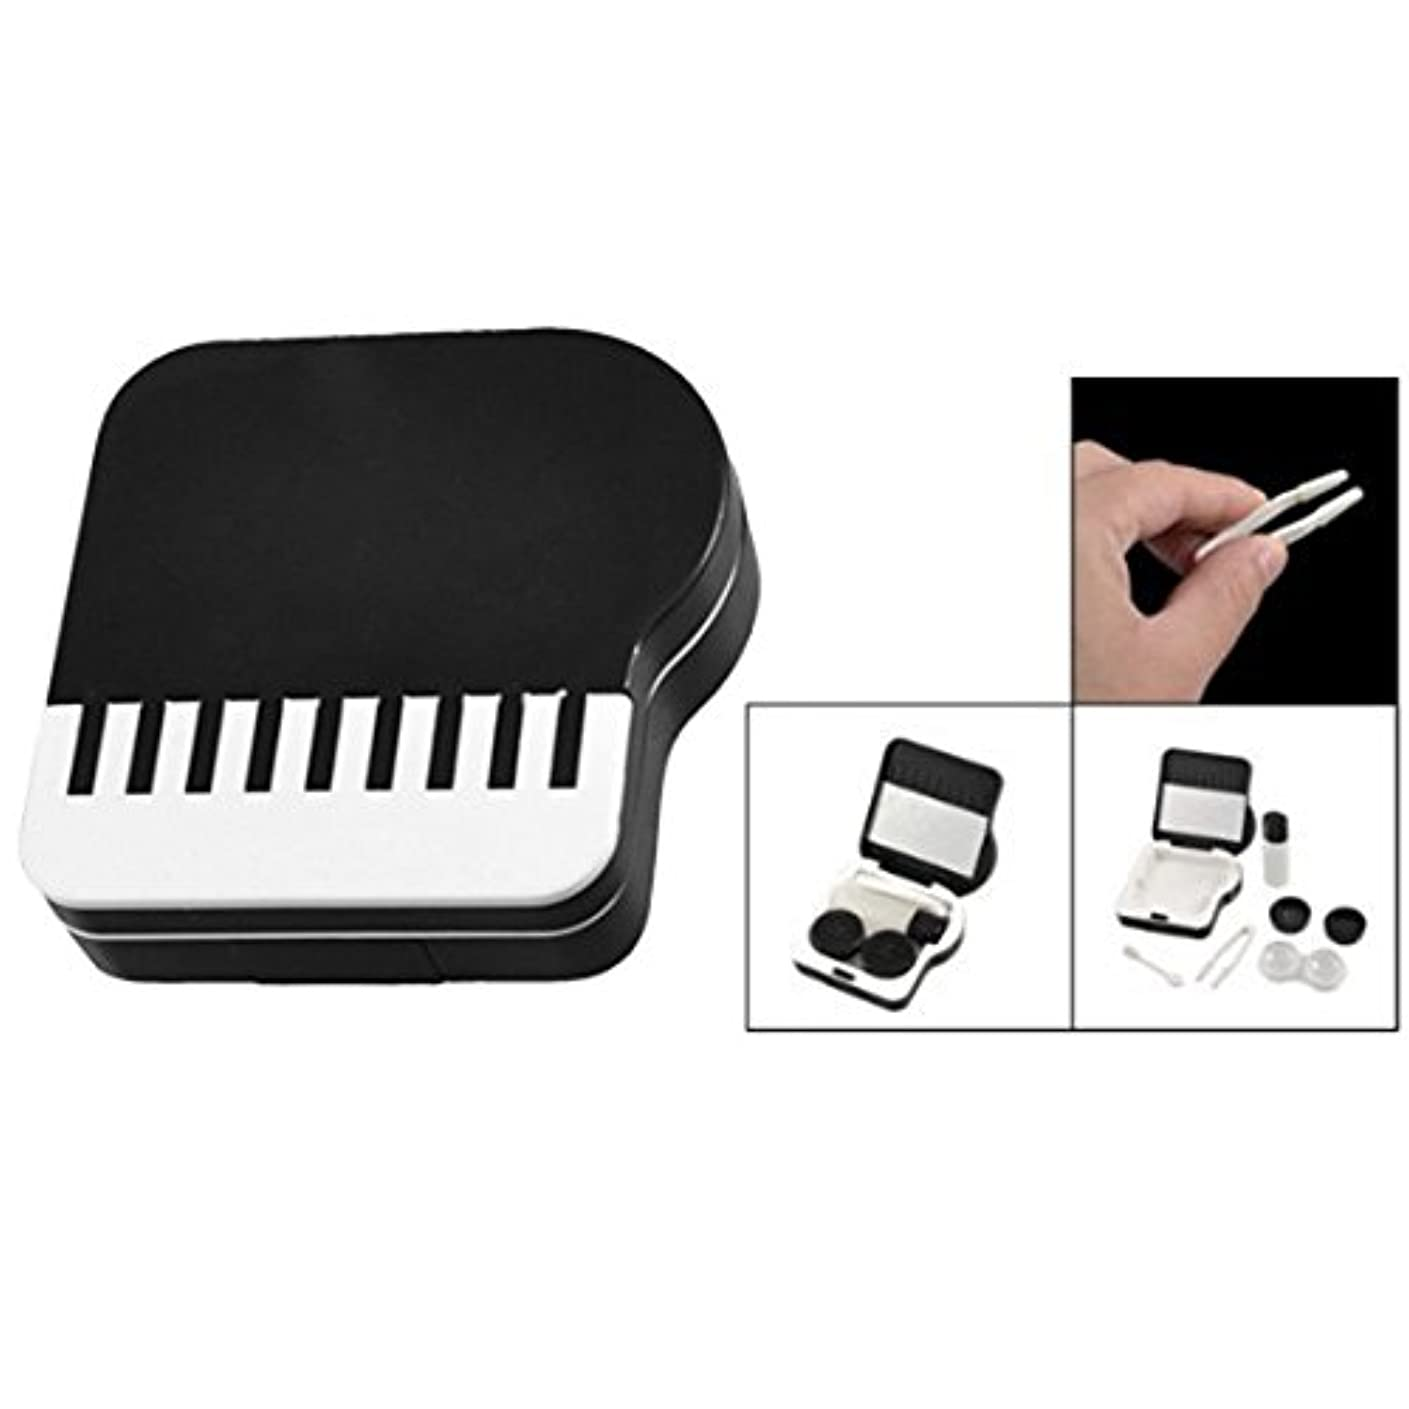 自然公園みなす重さACAMPTAR ピアノのデザイン 目に見えないコンタクトレンズボックス ケース-黒&白